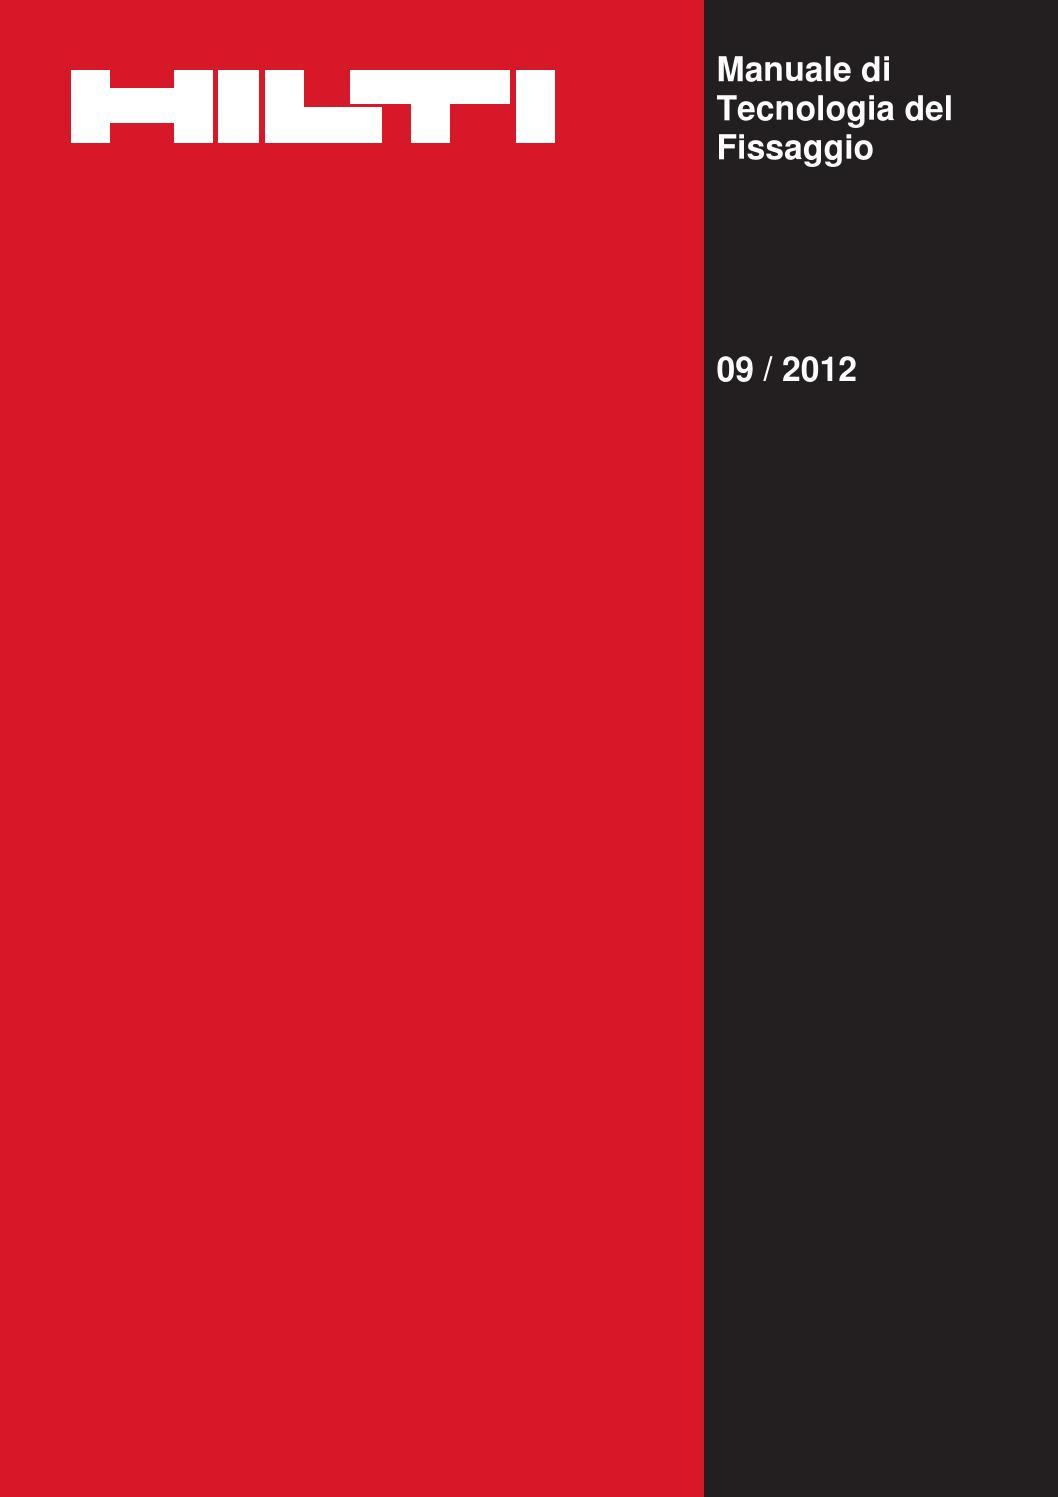 Manuale di tecnologia del fissaggio ancoranti 2012 by ecommerce issuu - Manuale di cucina professionale pdf ...